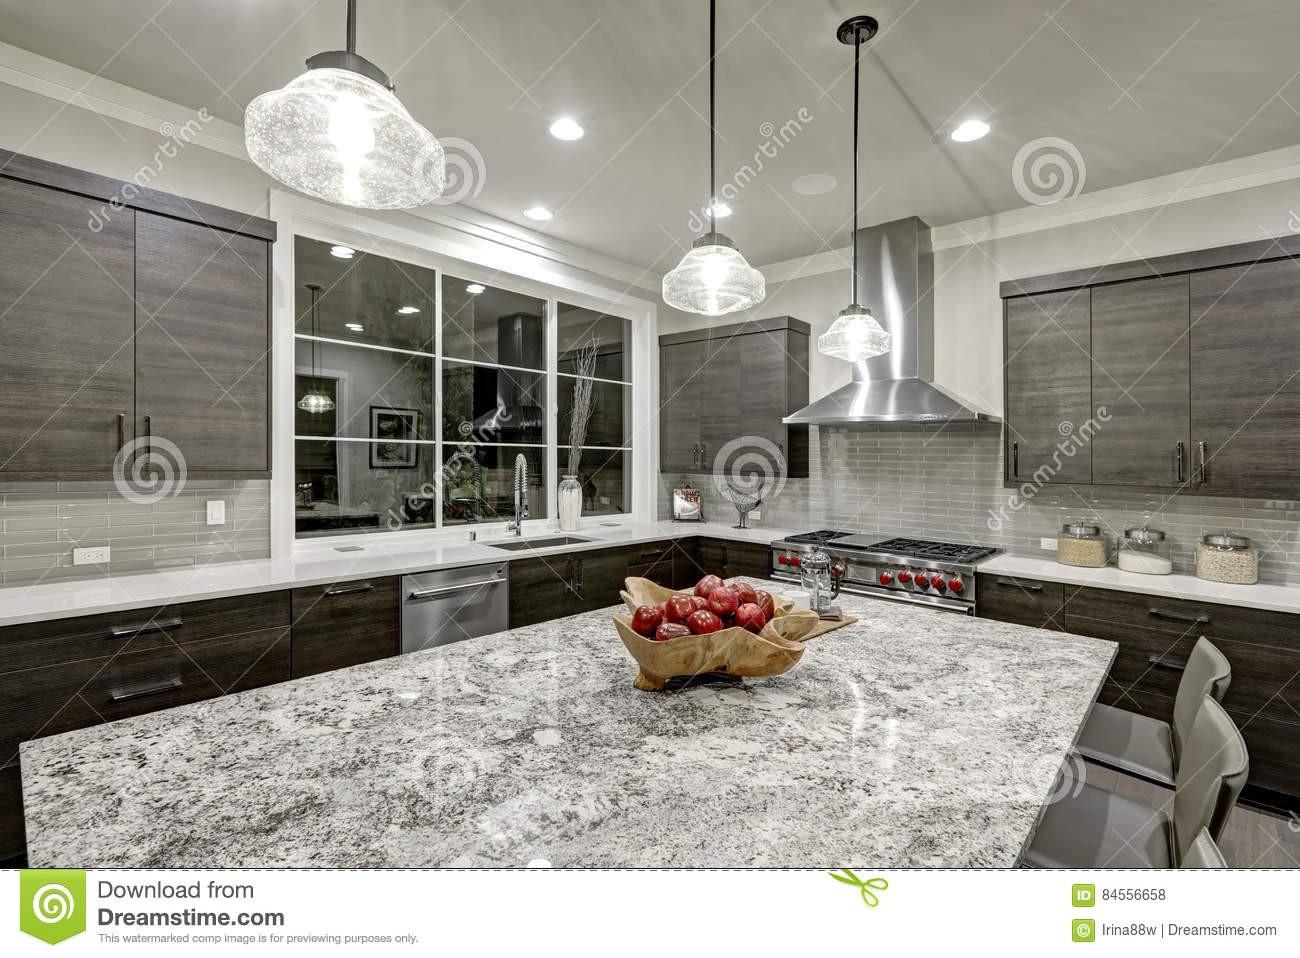 Comment Installer Un Comptoir De Cuisine rocartz inc. | granite | quartz | marbre | dekton | linkedin